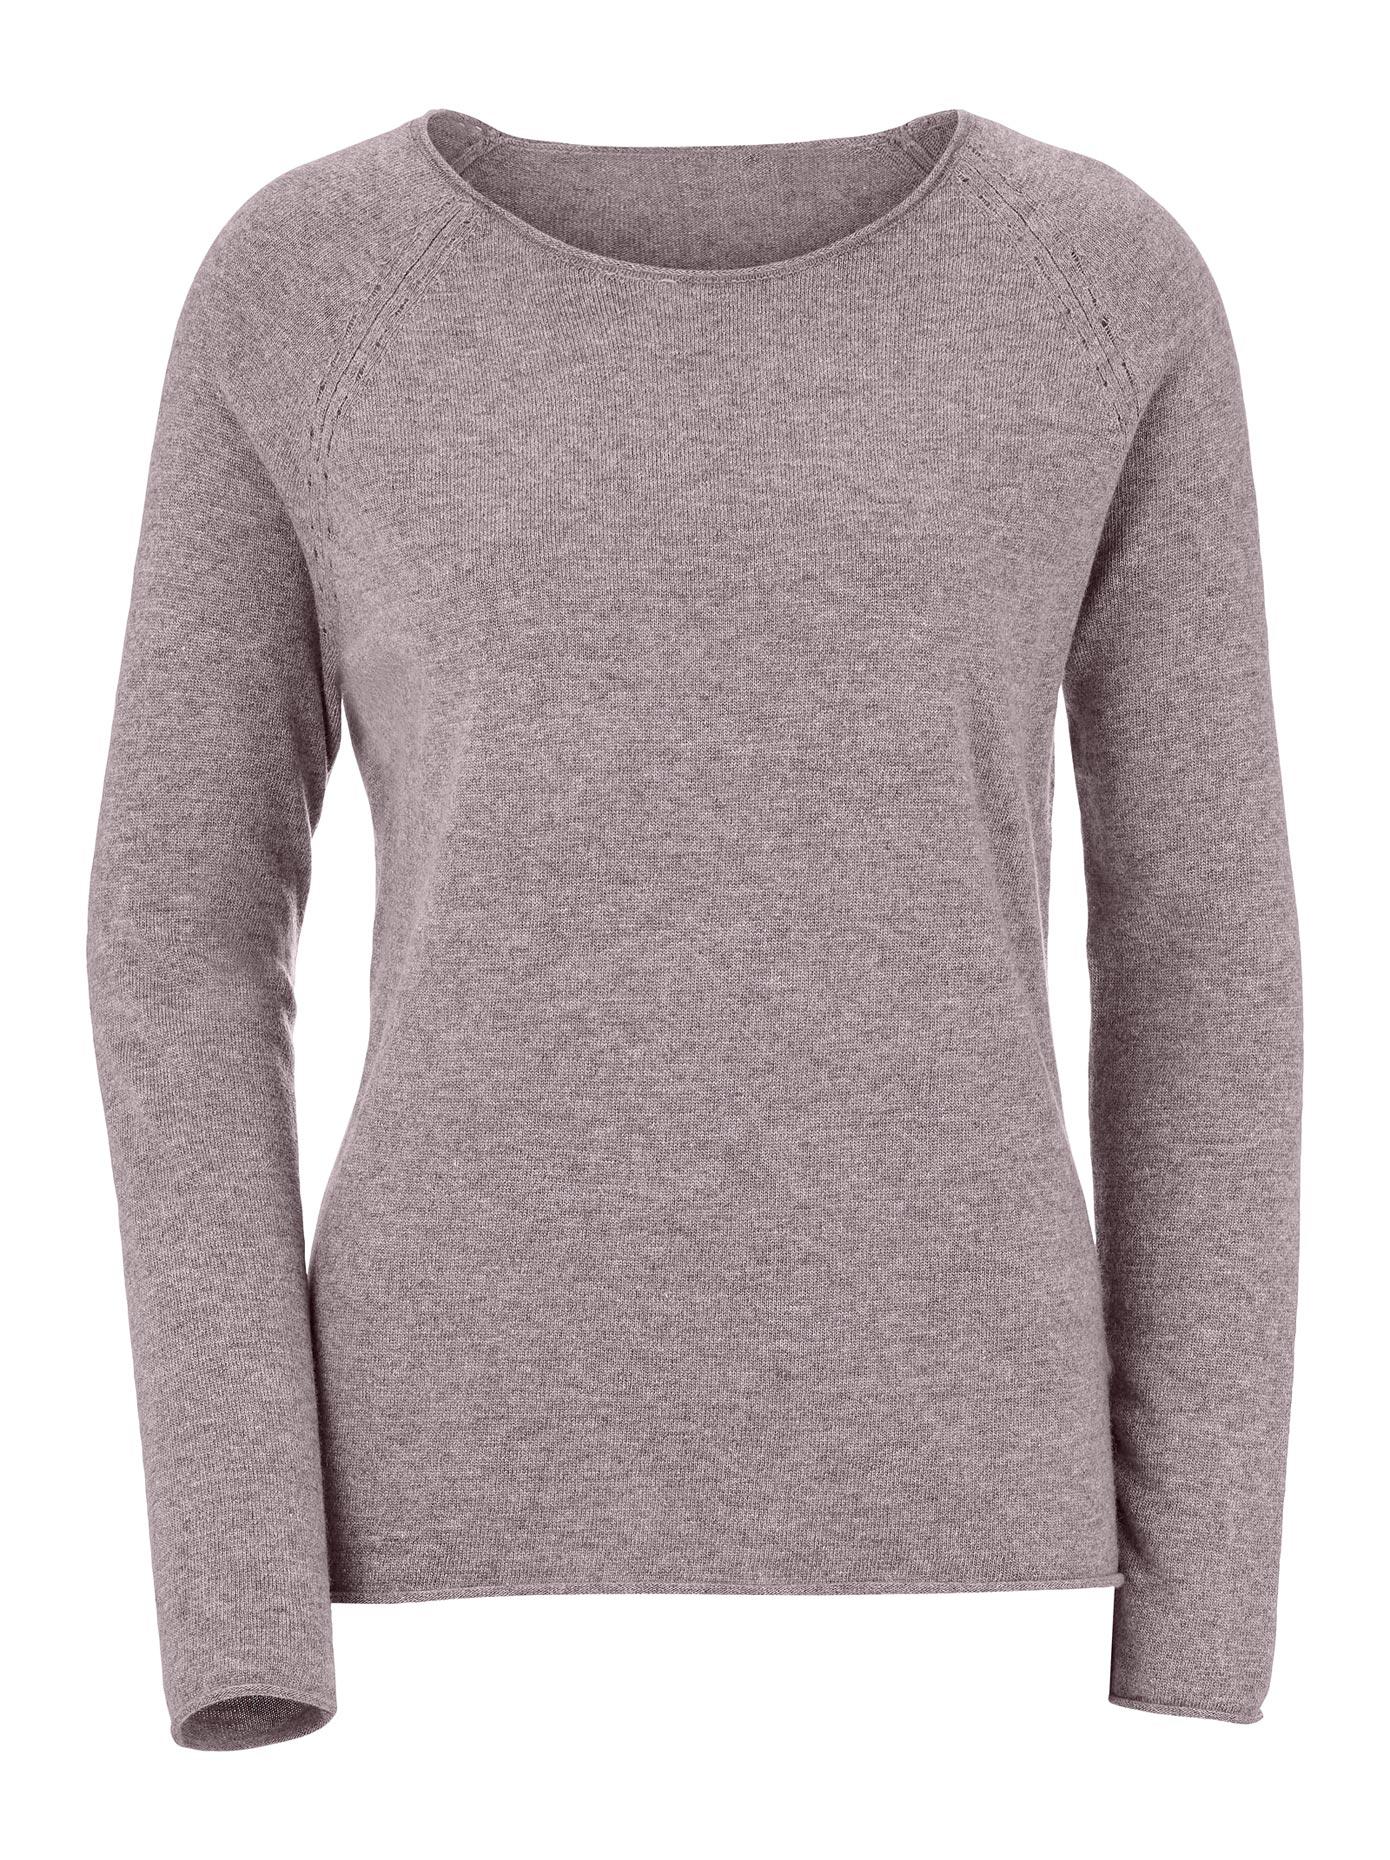 ambria -  Pullover mit feinem Ajour-Muster